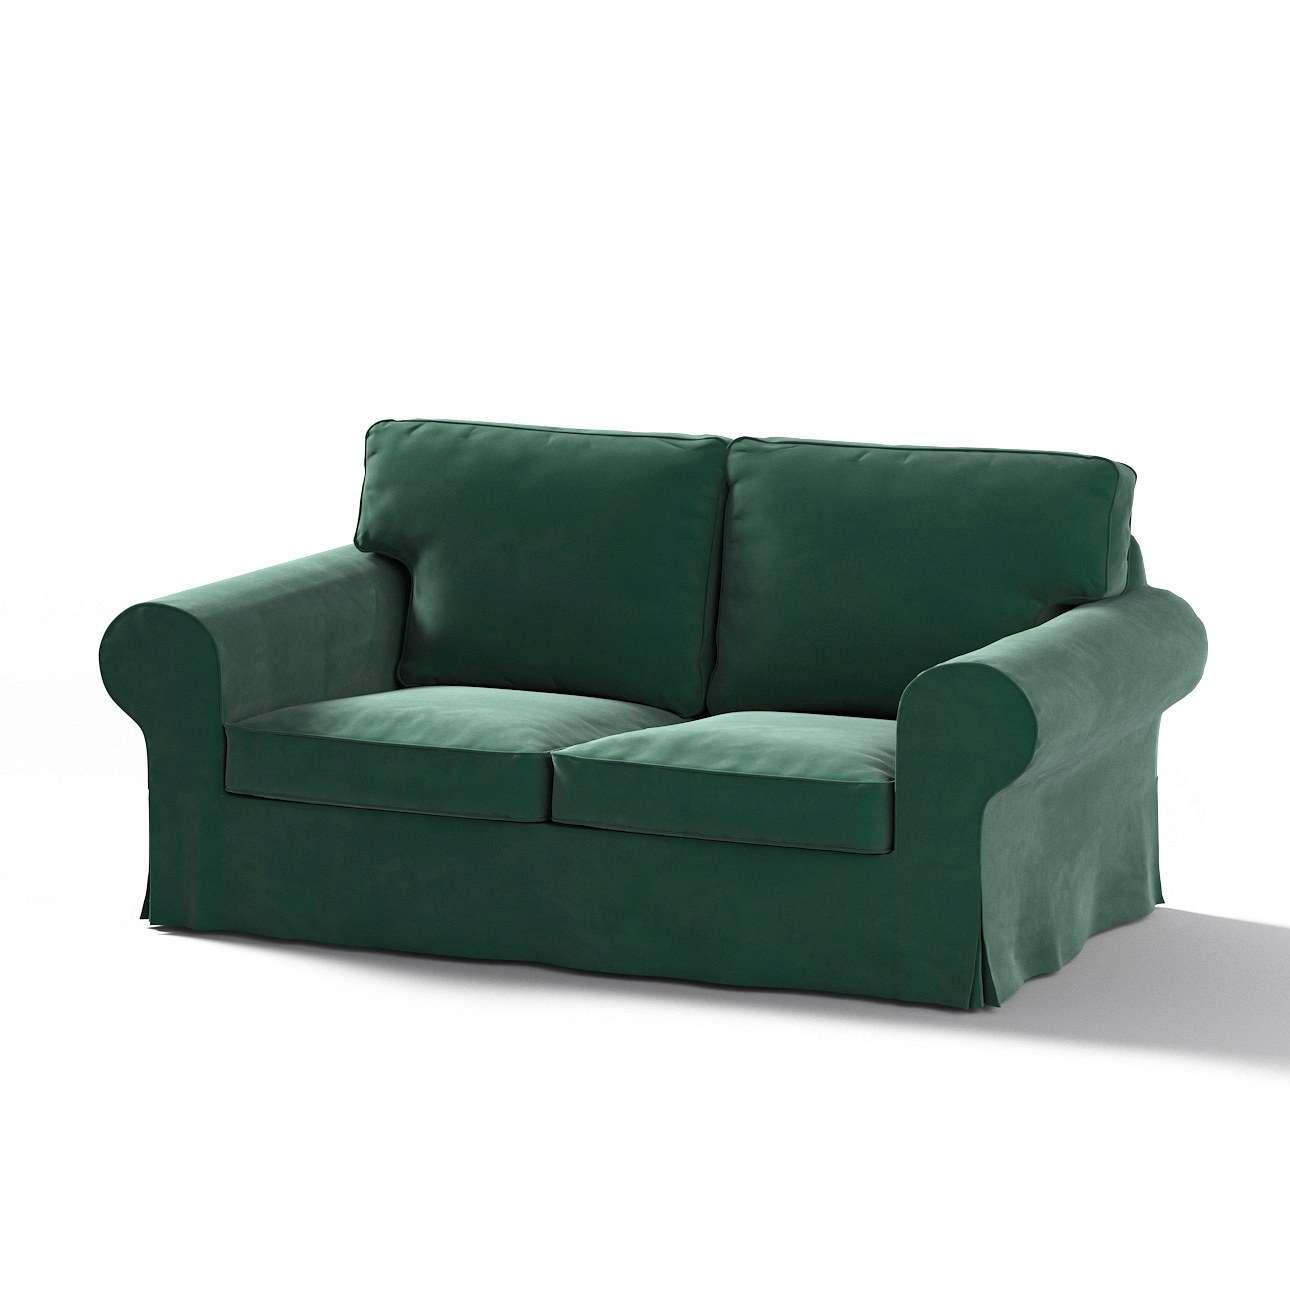 Pokrowiec na sofę Ektorp 2-osobową rozkładaną, model po 2012 w kolekcji Velvet, tkanina: 704-25